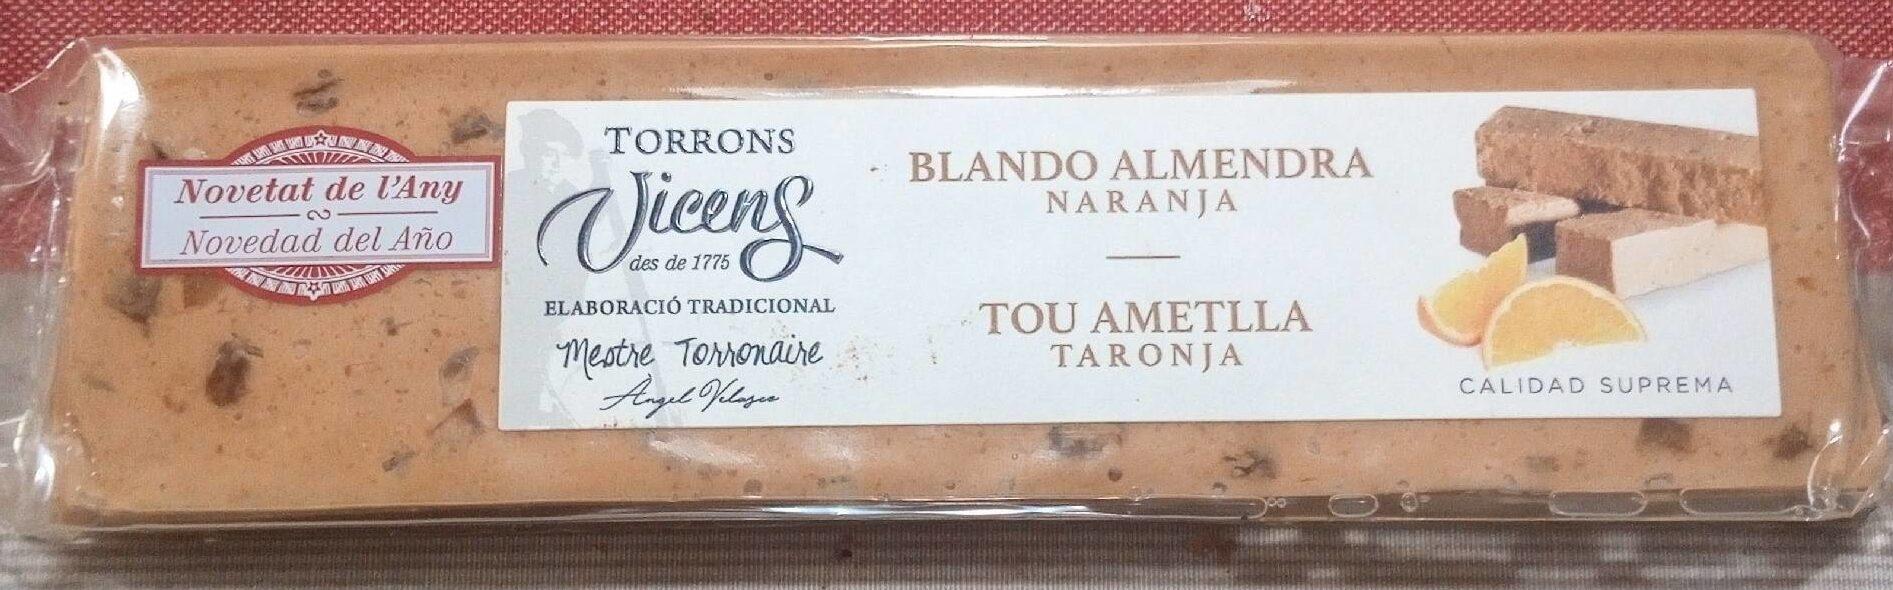 Turron Almendra Naranja - Producto